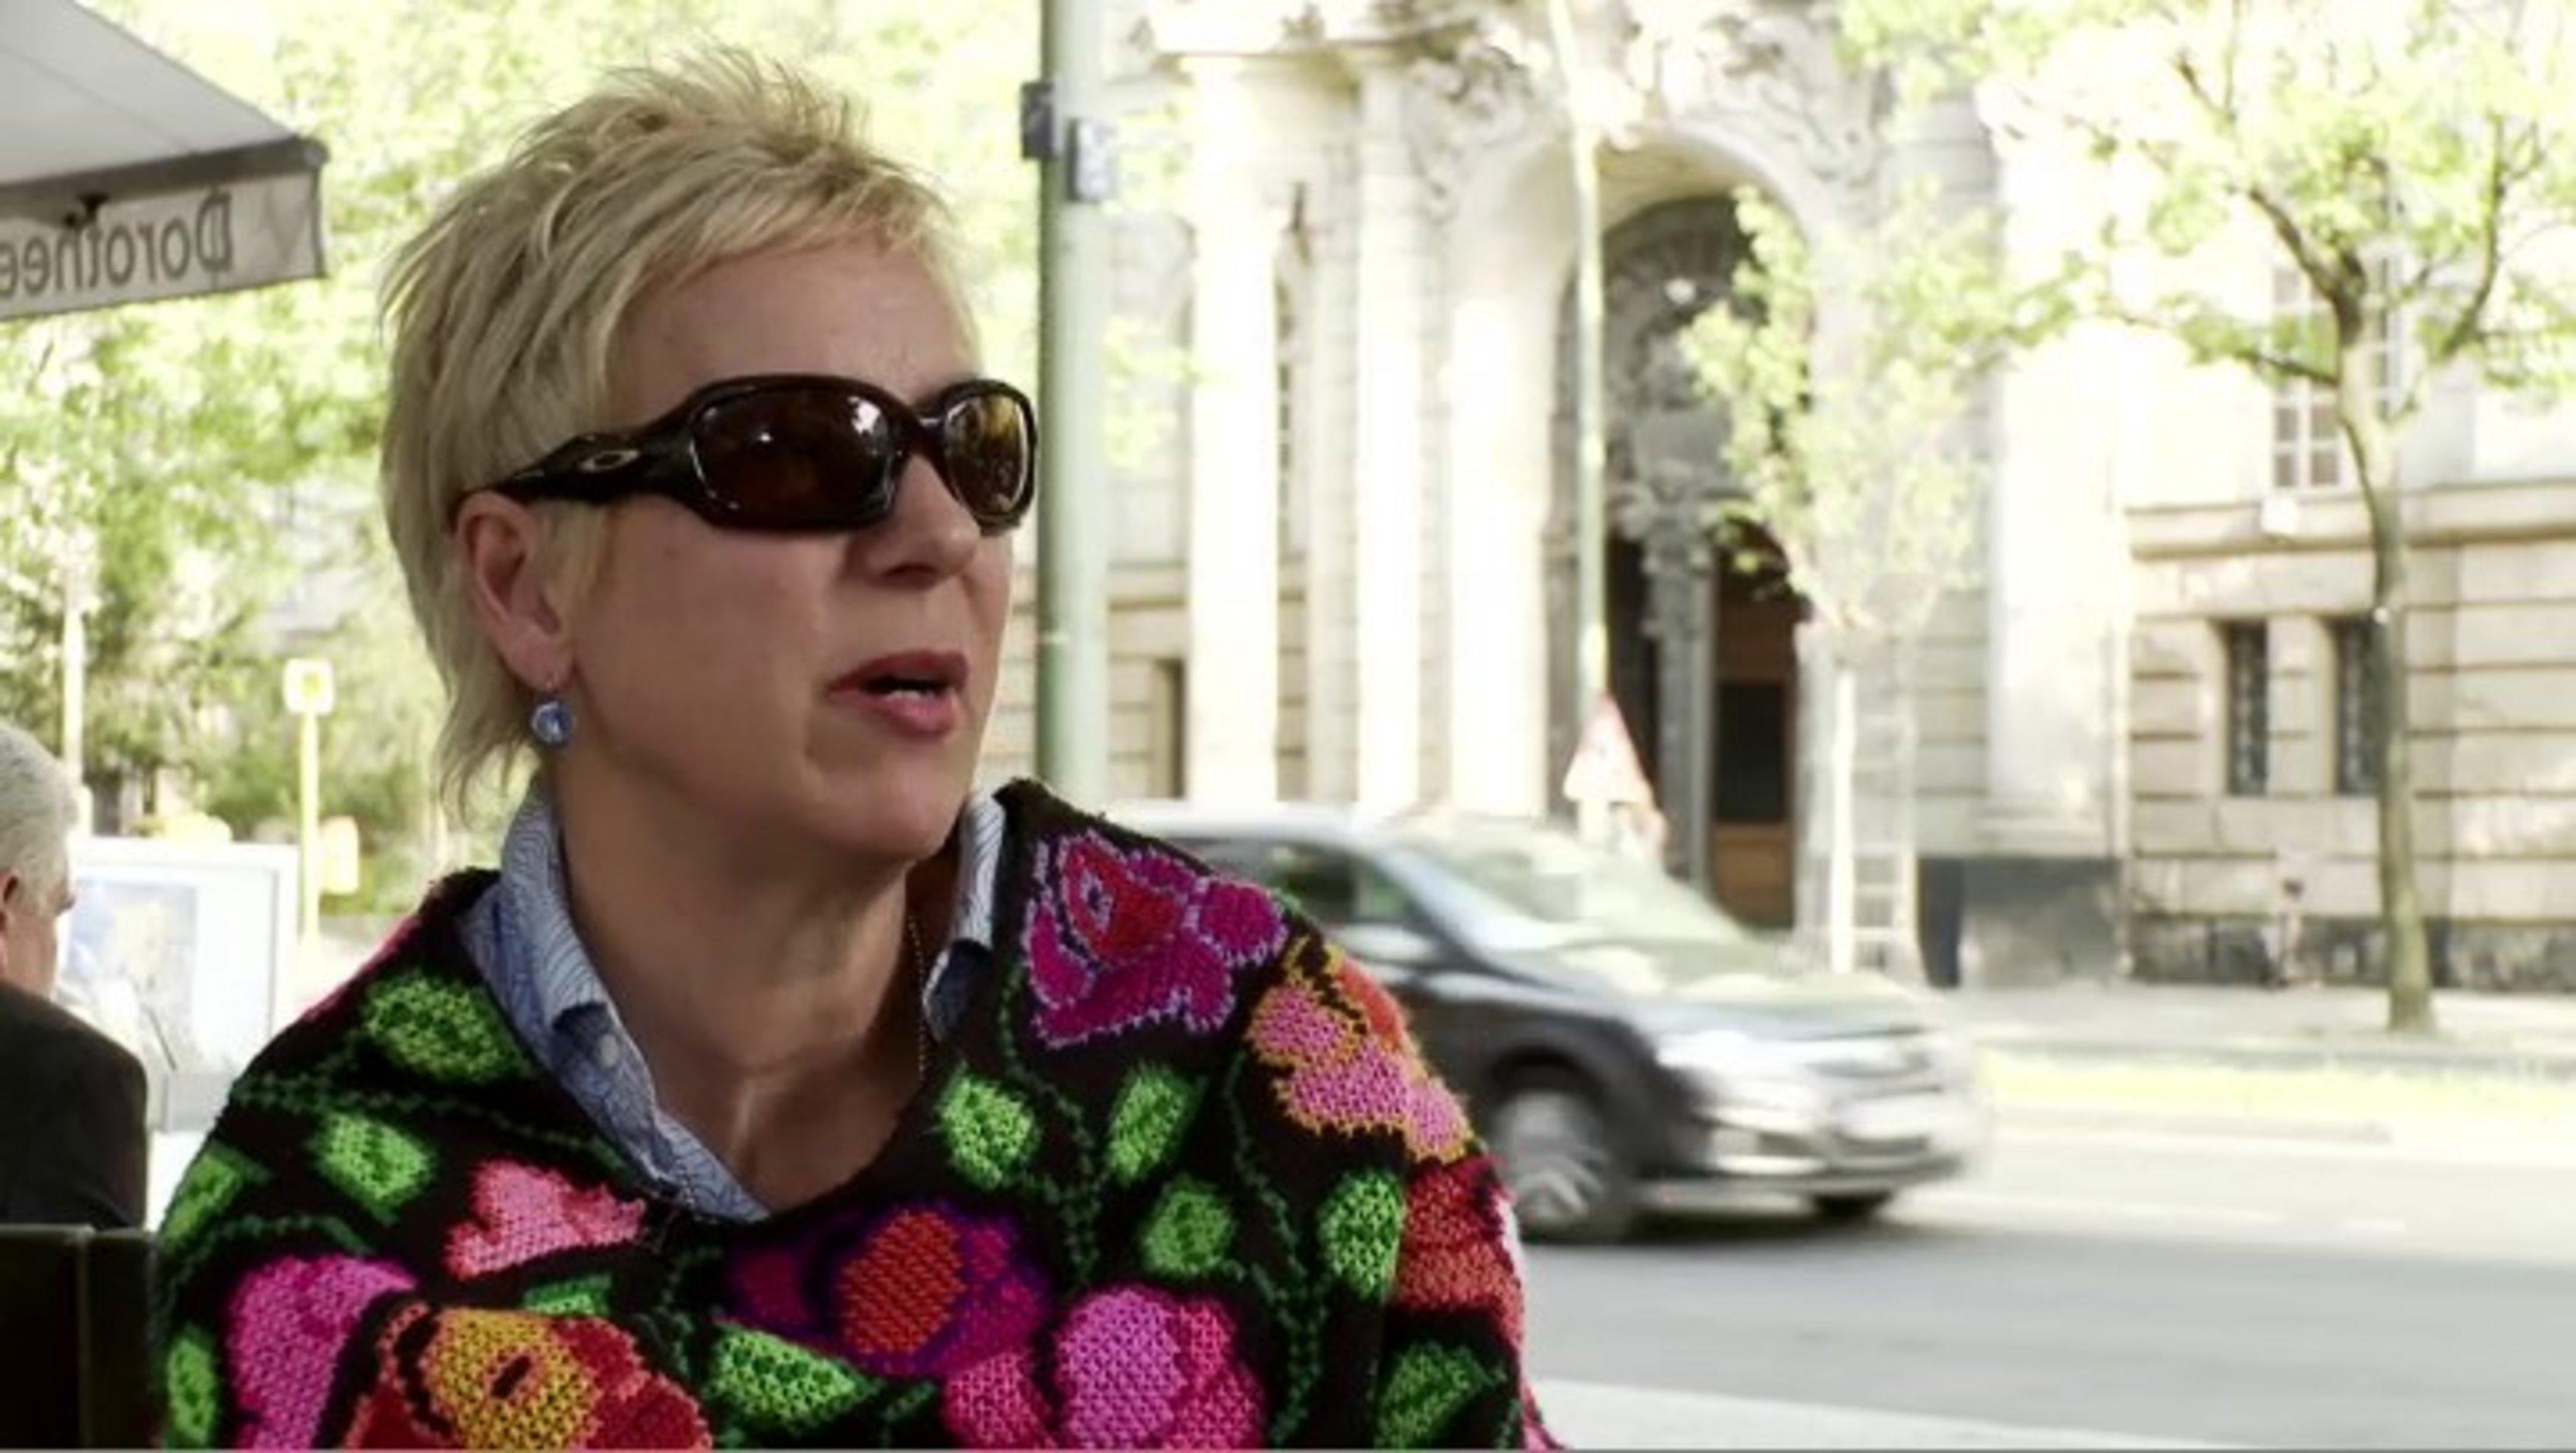 film über eine prostituierte prostituierte berlin kurfürstenstraße